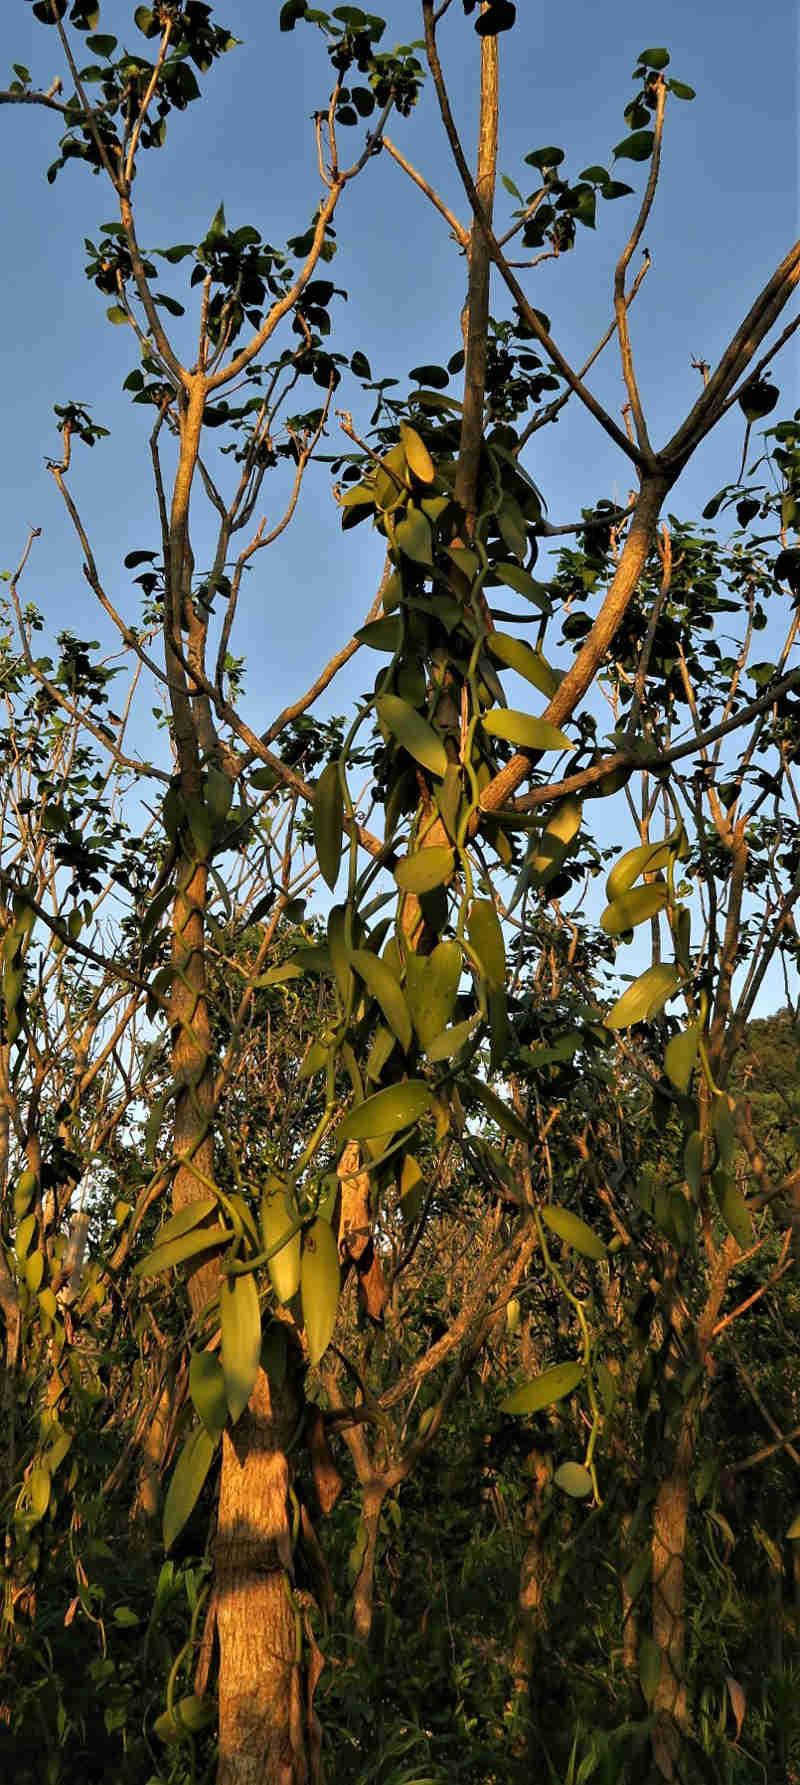 Die Vanille ist eine klassische Kletterpflanze